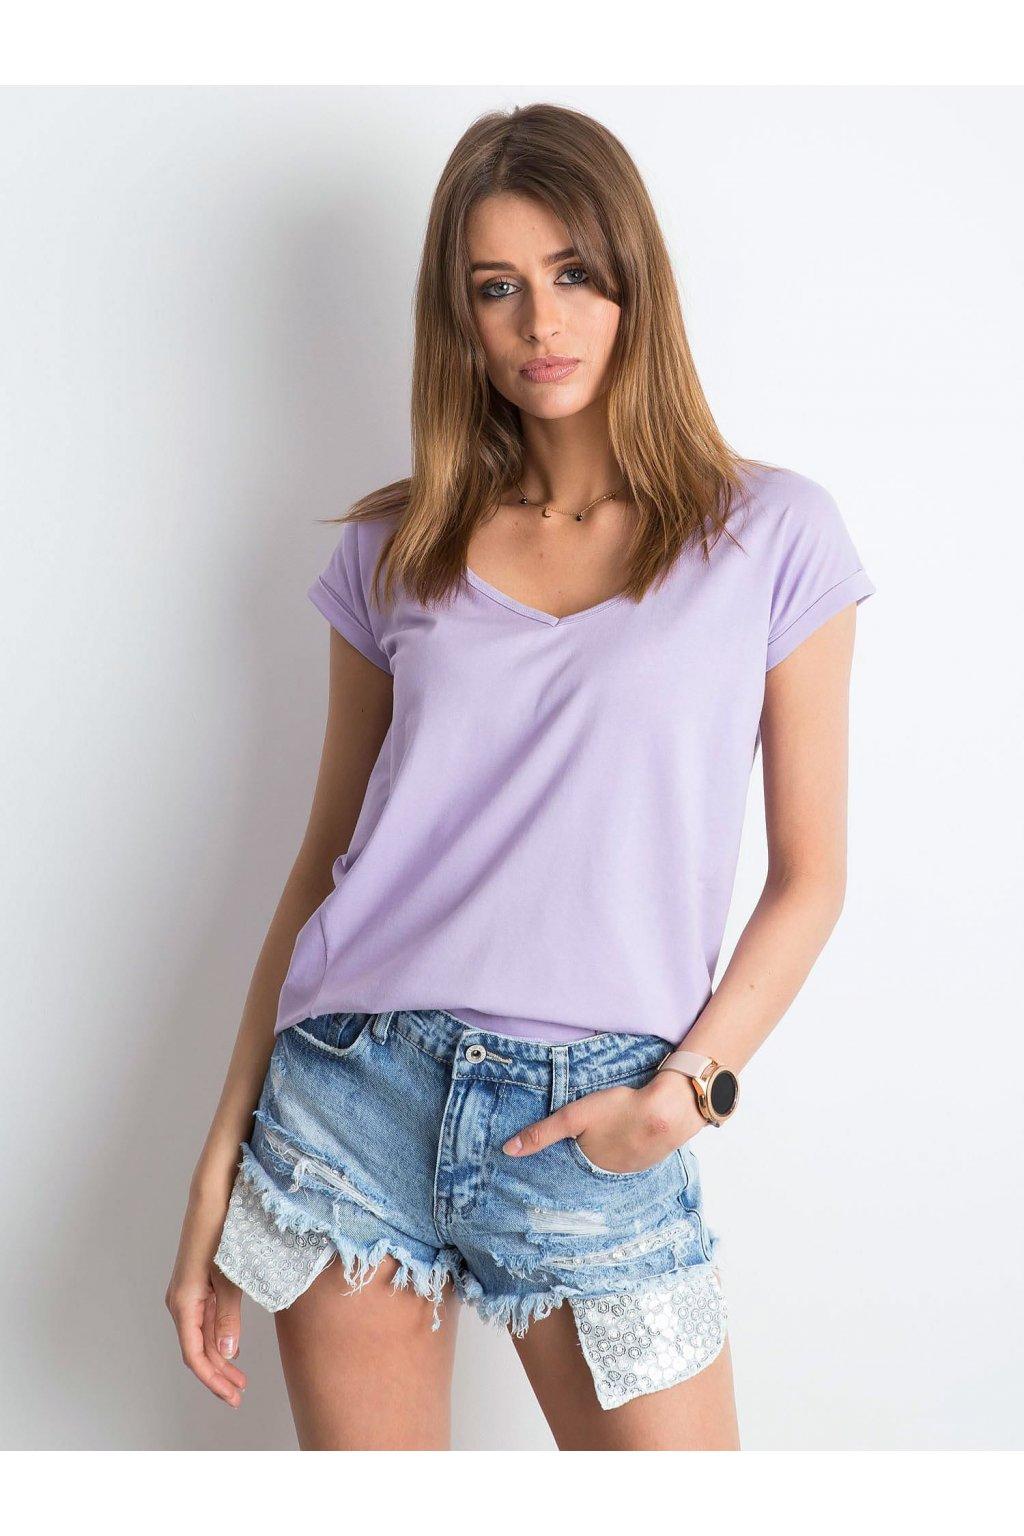 Dámske tričko jednofarebné kód RV-TS-4839.40P